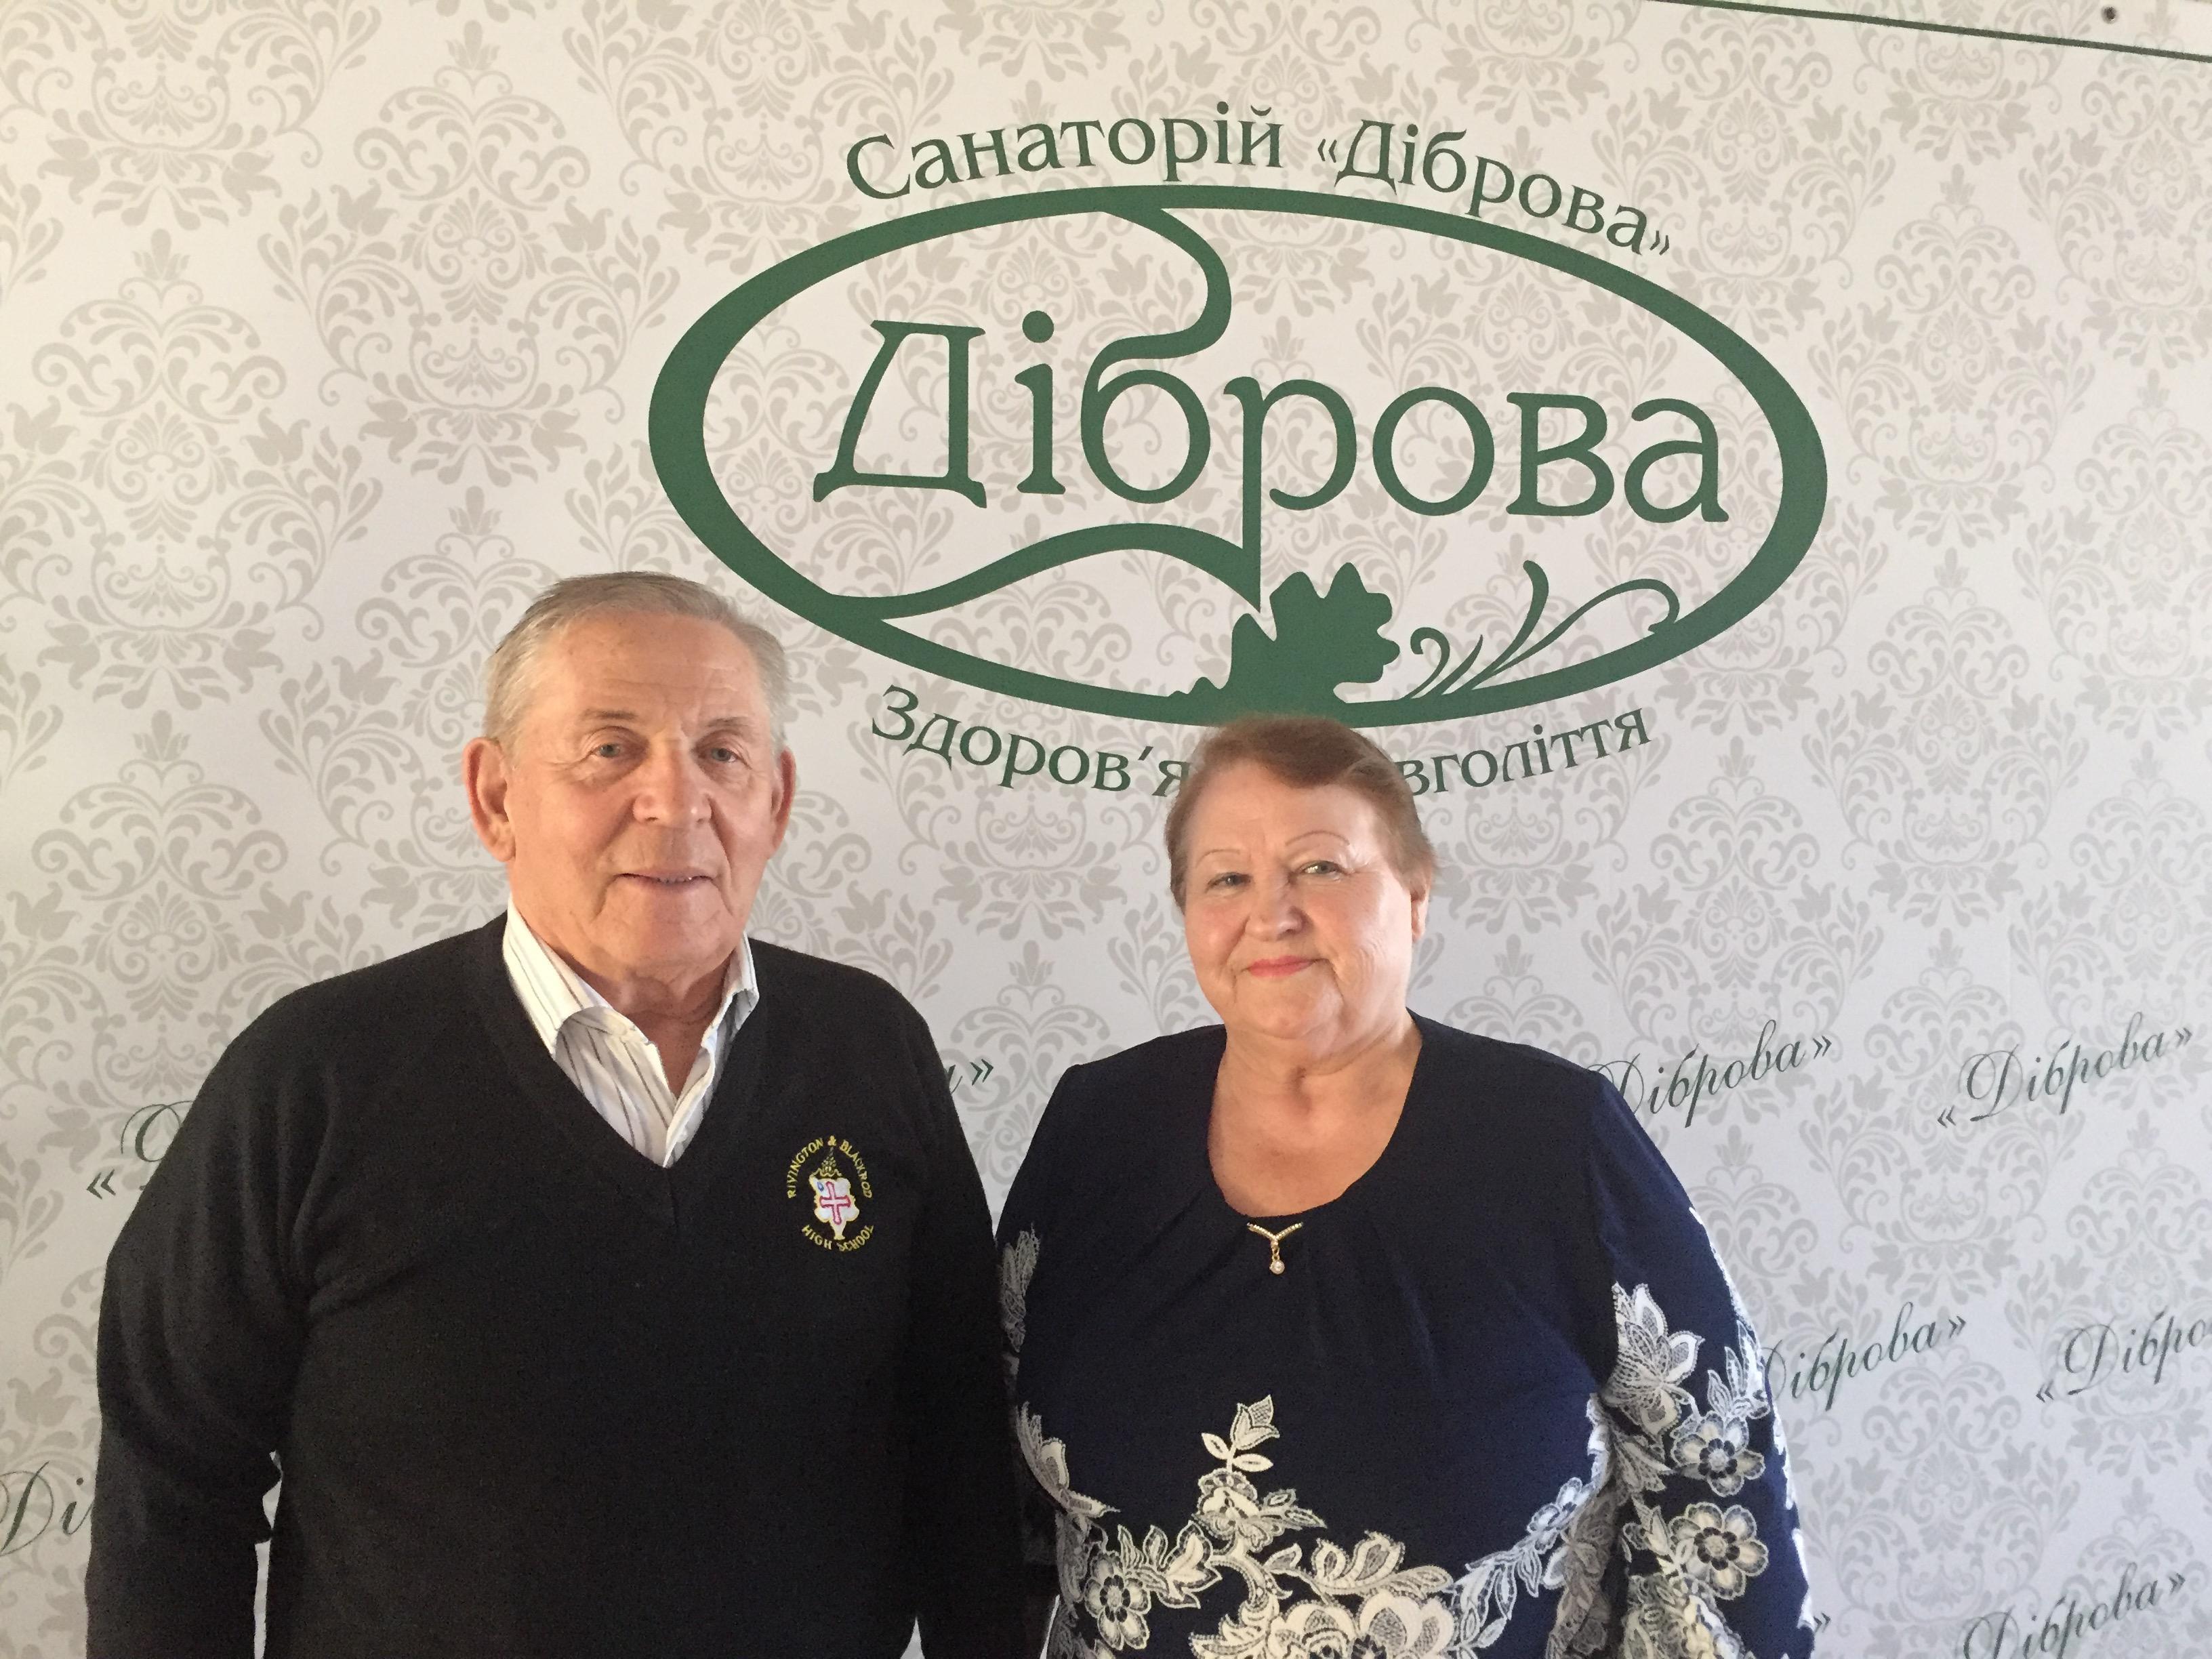 Сім'я Єгорових - Людмила Іванівна та Іван Андрійович (м. Суми)